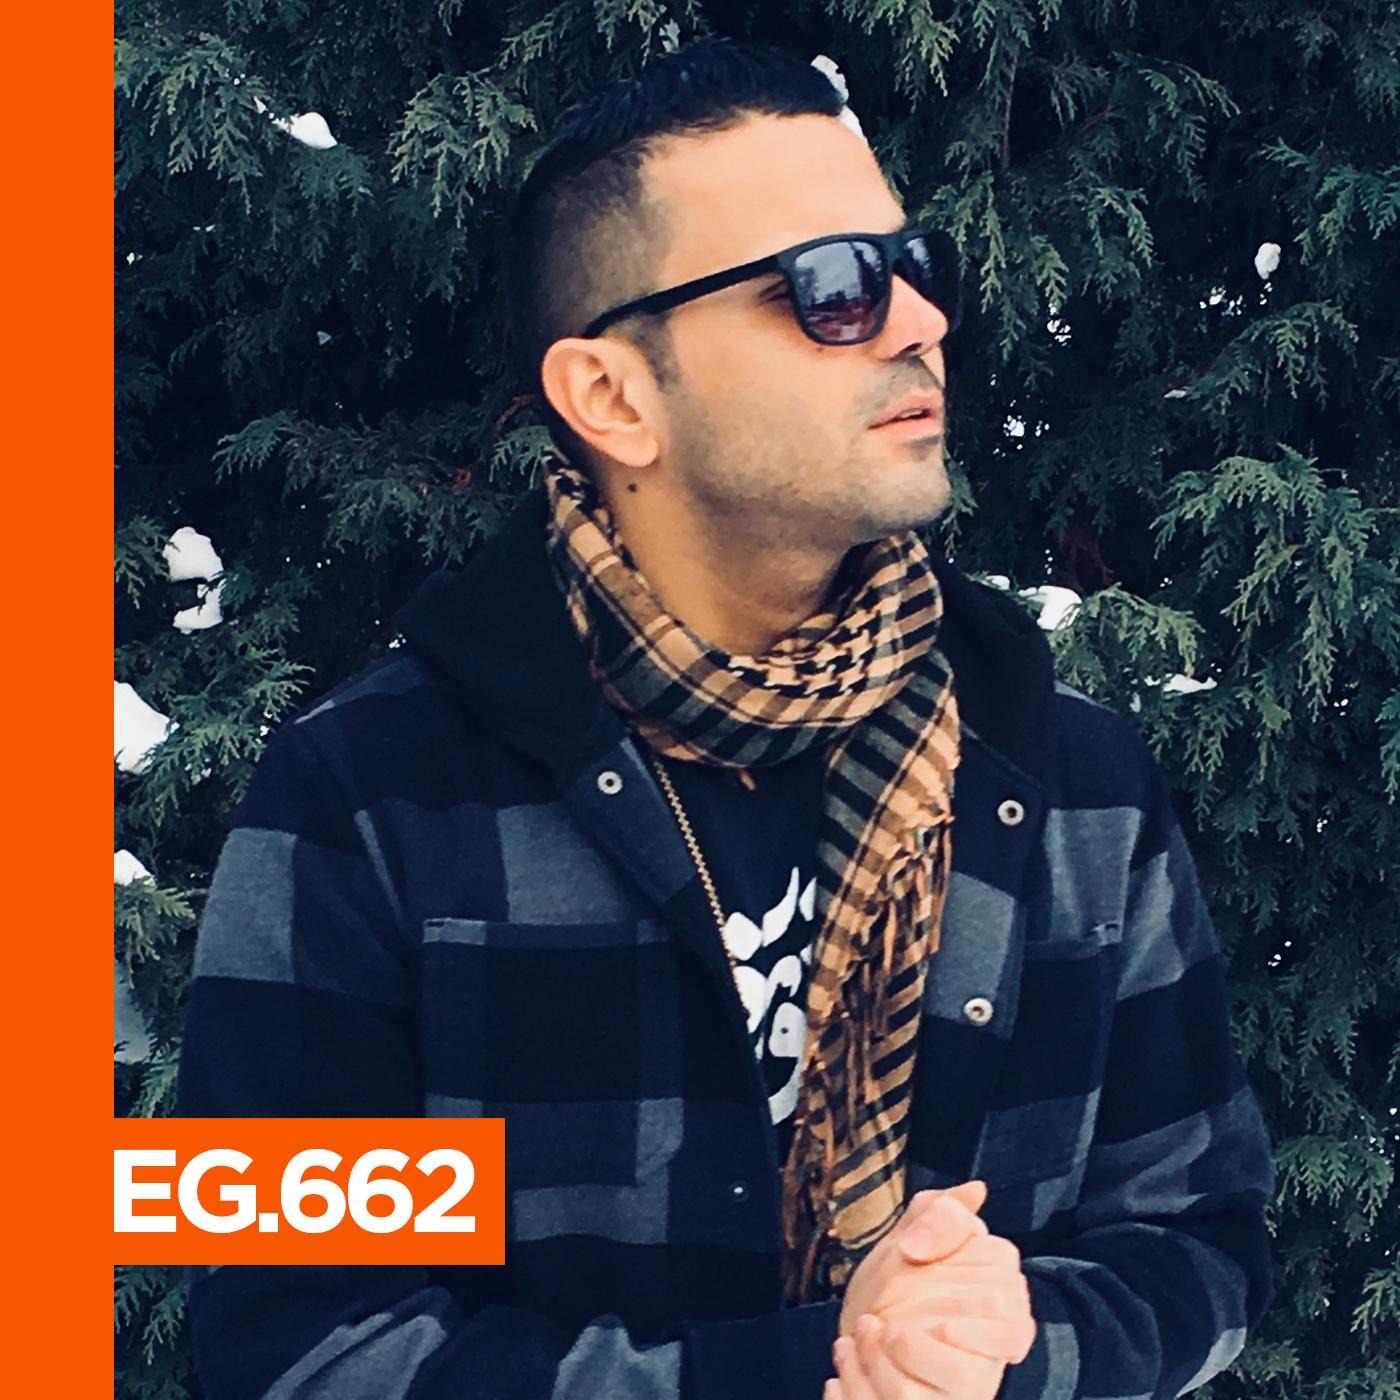 EG.662 Mustafa Ismaeel